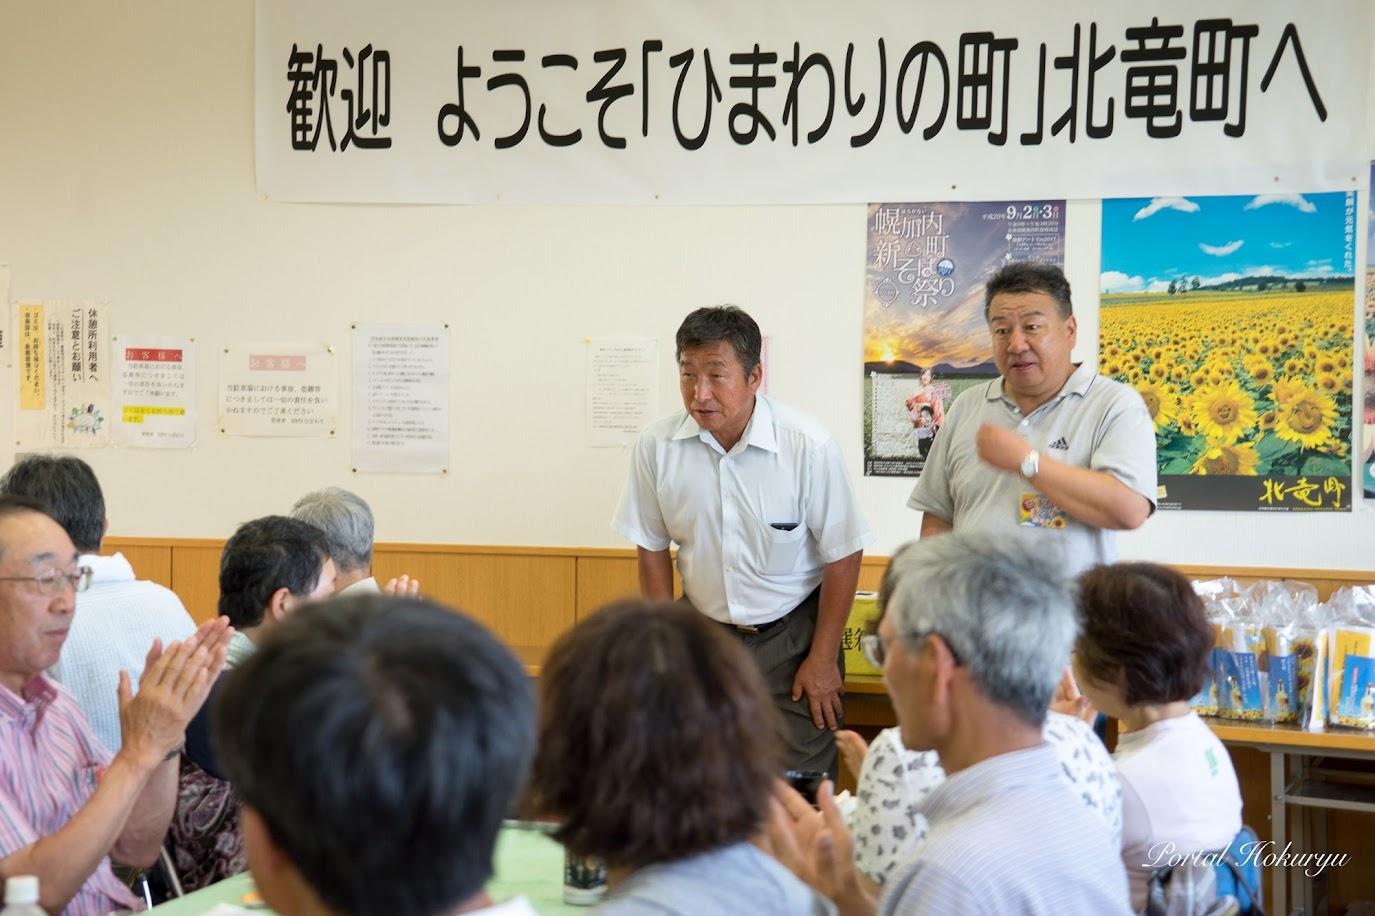 北竜町畑作生産組合・藤井二郎 組合長と役場産業課・有馬一志 課長